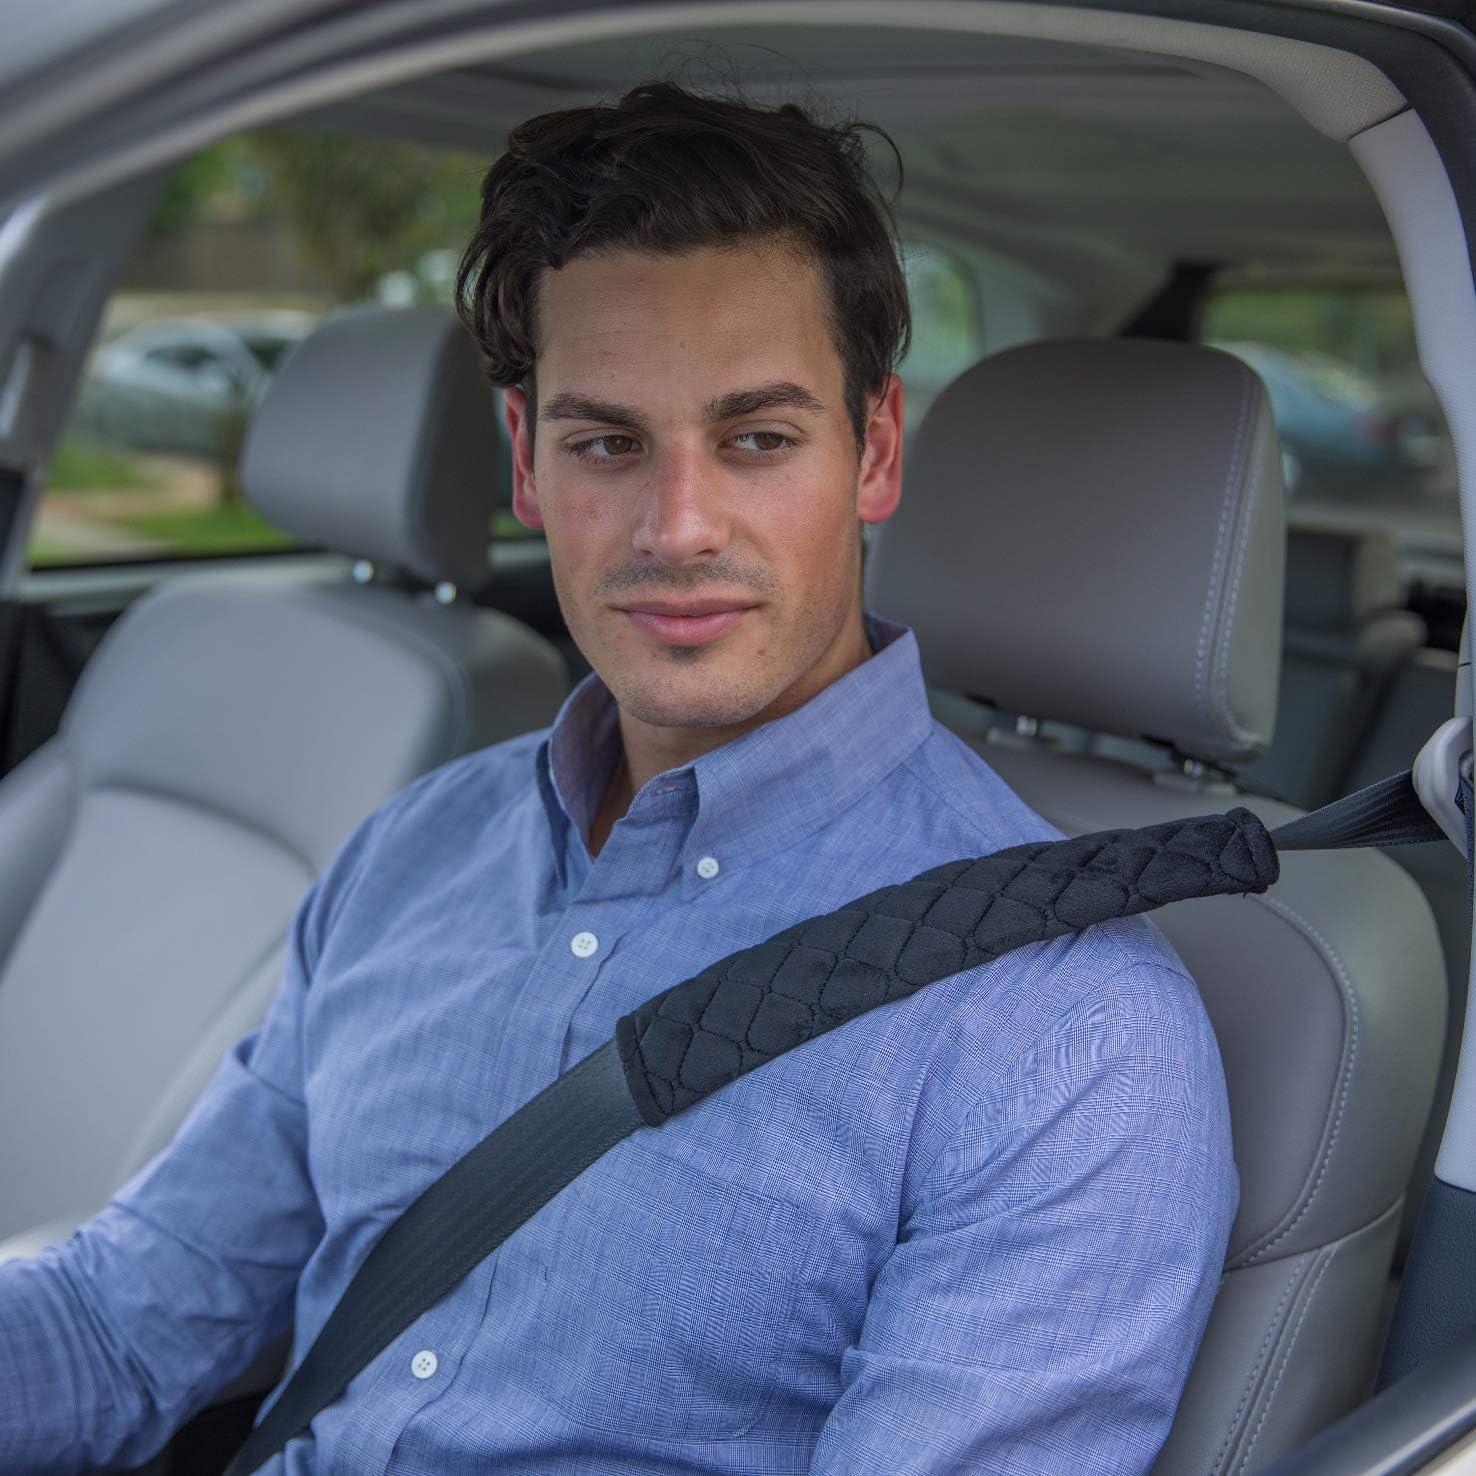 SUV Premiun Quality 2Pcs Car Seat Belt Cover Soft Cintur/ón de seguridad Pads Purple Beige Black para Adultos Mujeres Ni/ños Cami/ón C/ómoda Tela Auto Durable y Pads Ajustables Purple